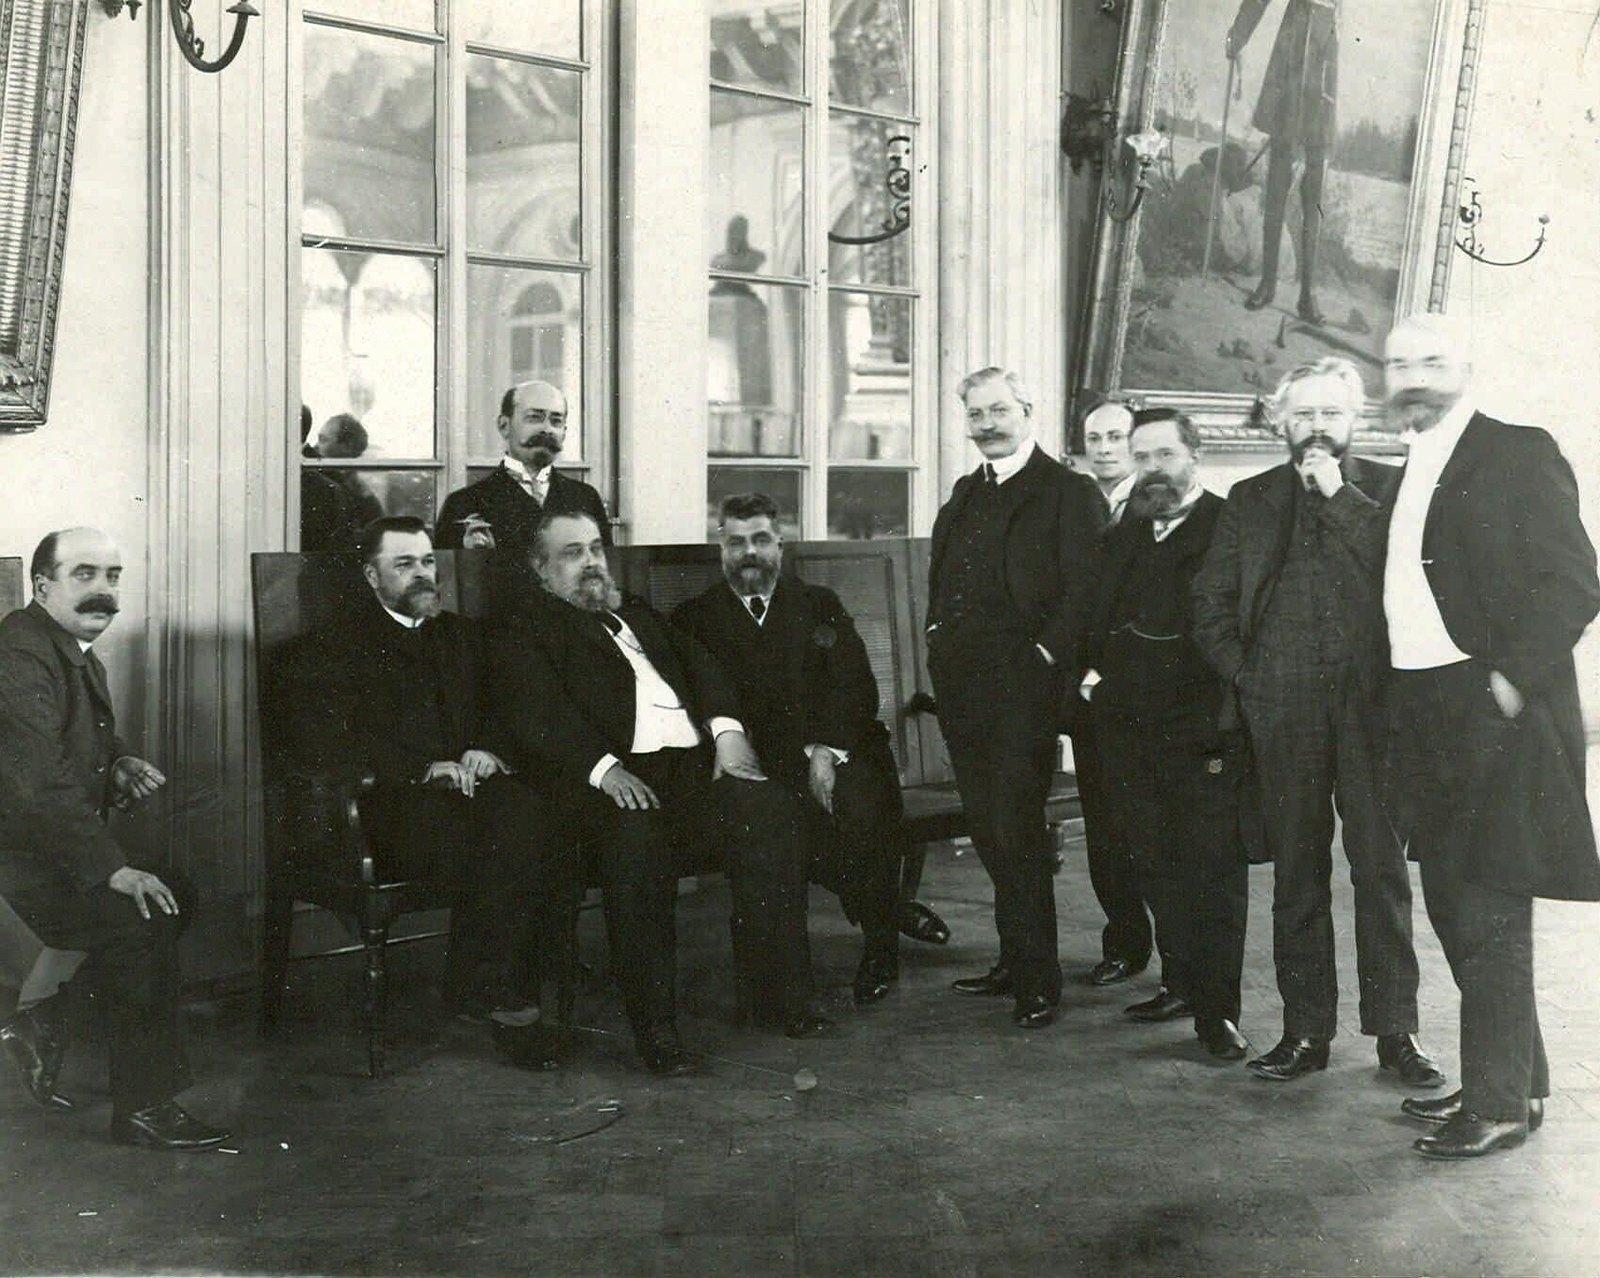 1906. Лидеры российских либеральных партий в кулуарах Таврического дворца